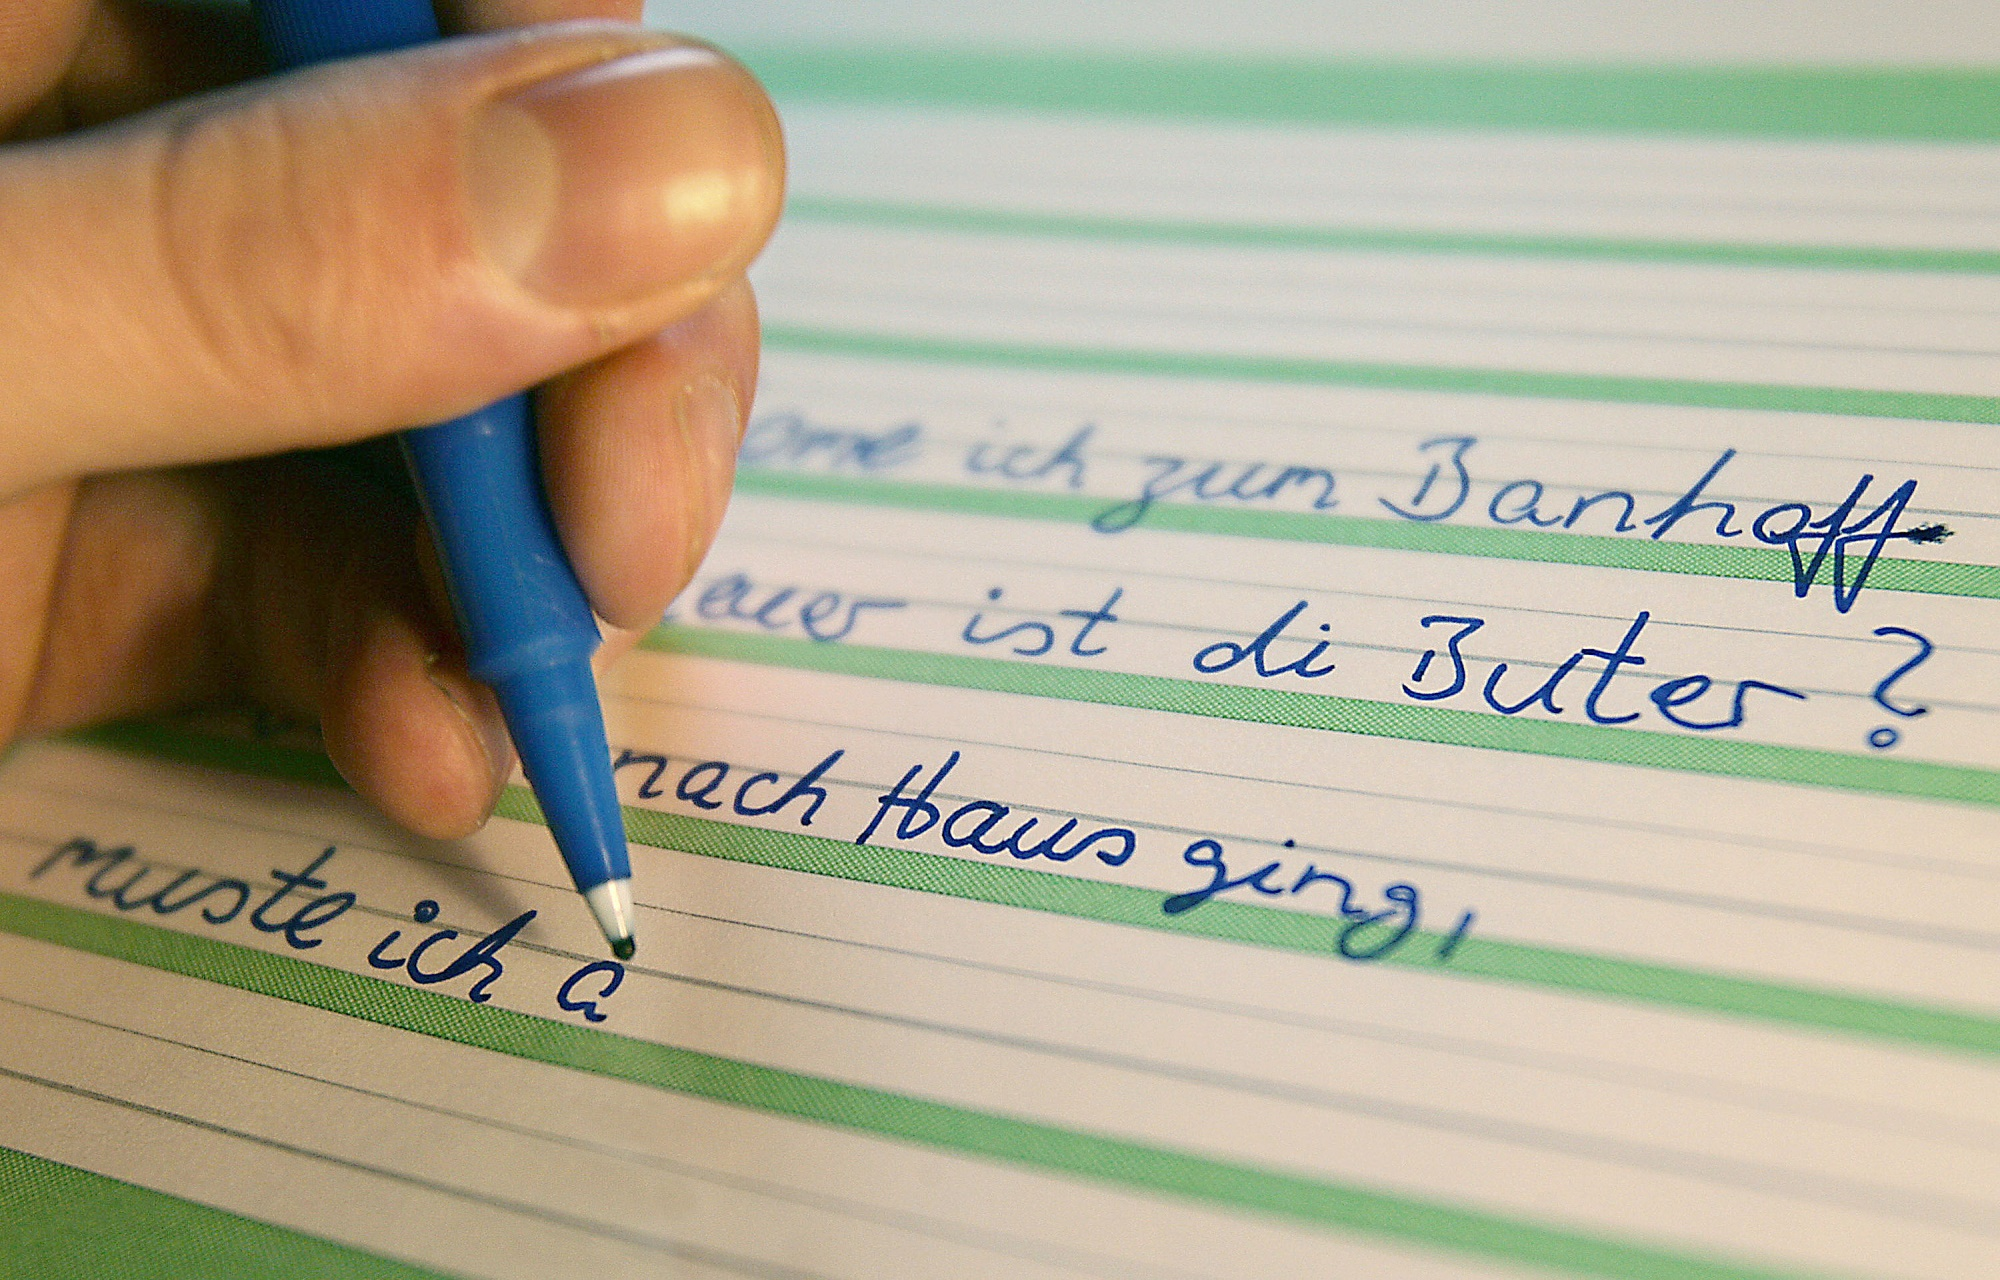 وقتی نوشتن مشکل است